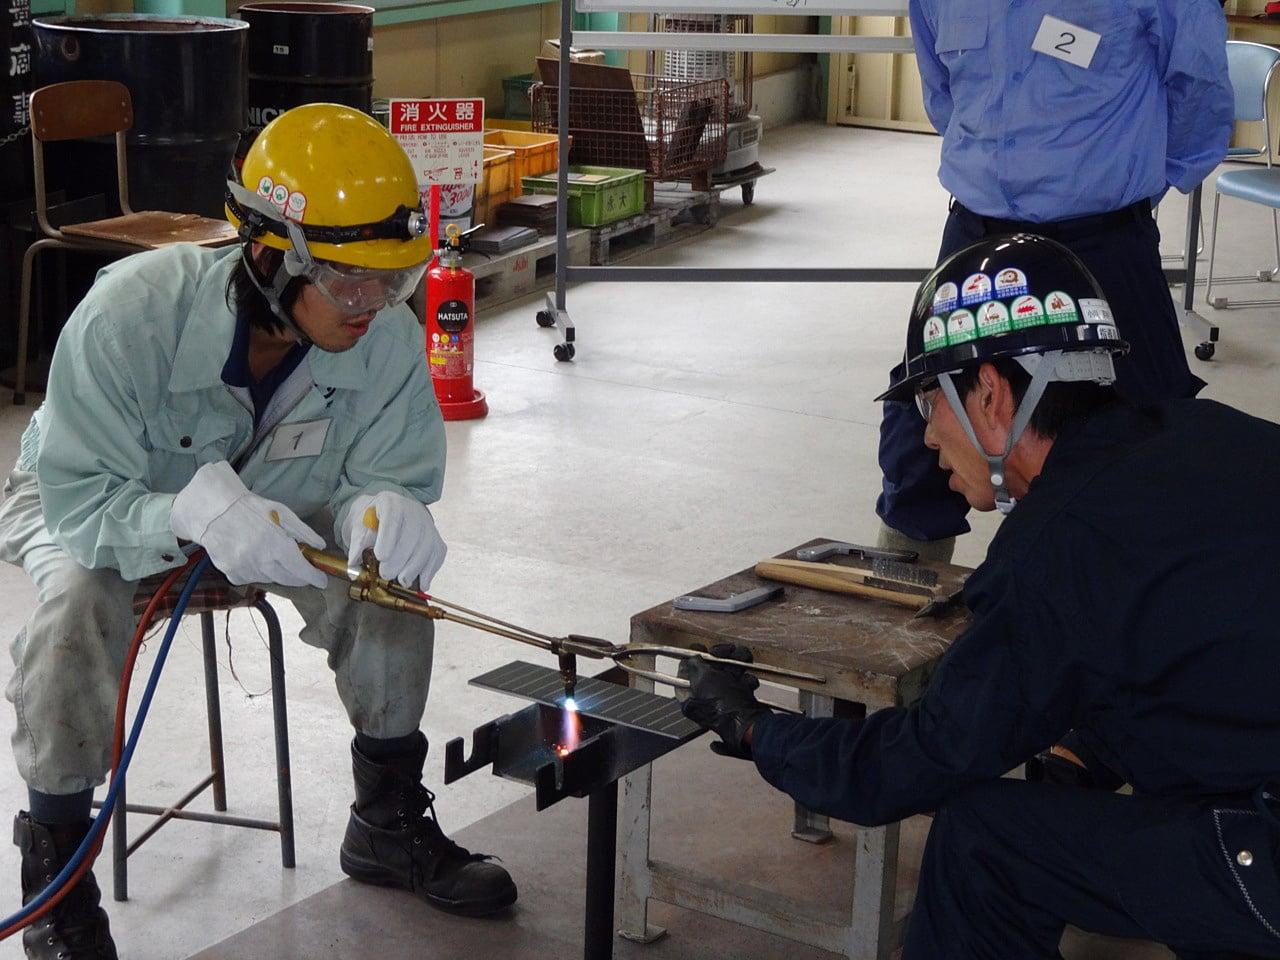 ガス 溶接 技能 講習 ガス溶接技能講習 - 一般社団法人大阪溶接協会